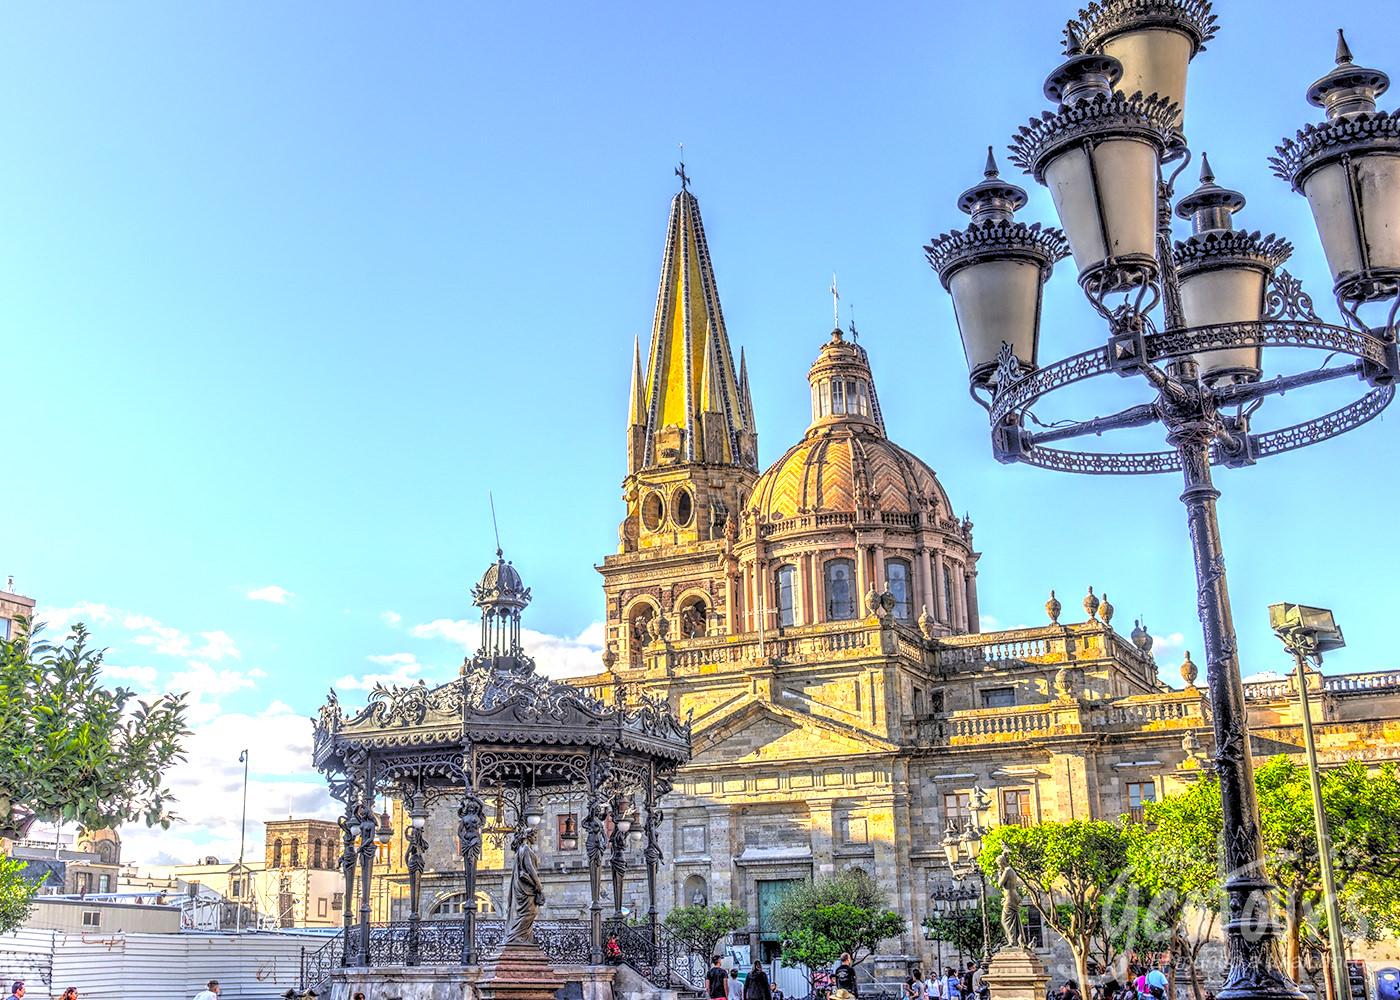 Paquetes y tours México con Acapulco 14 dias